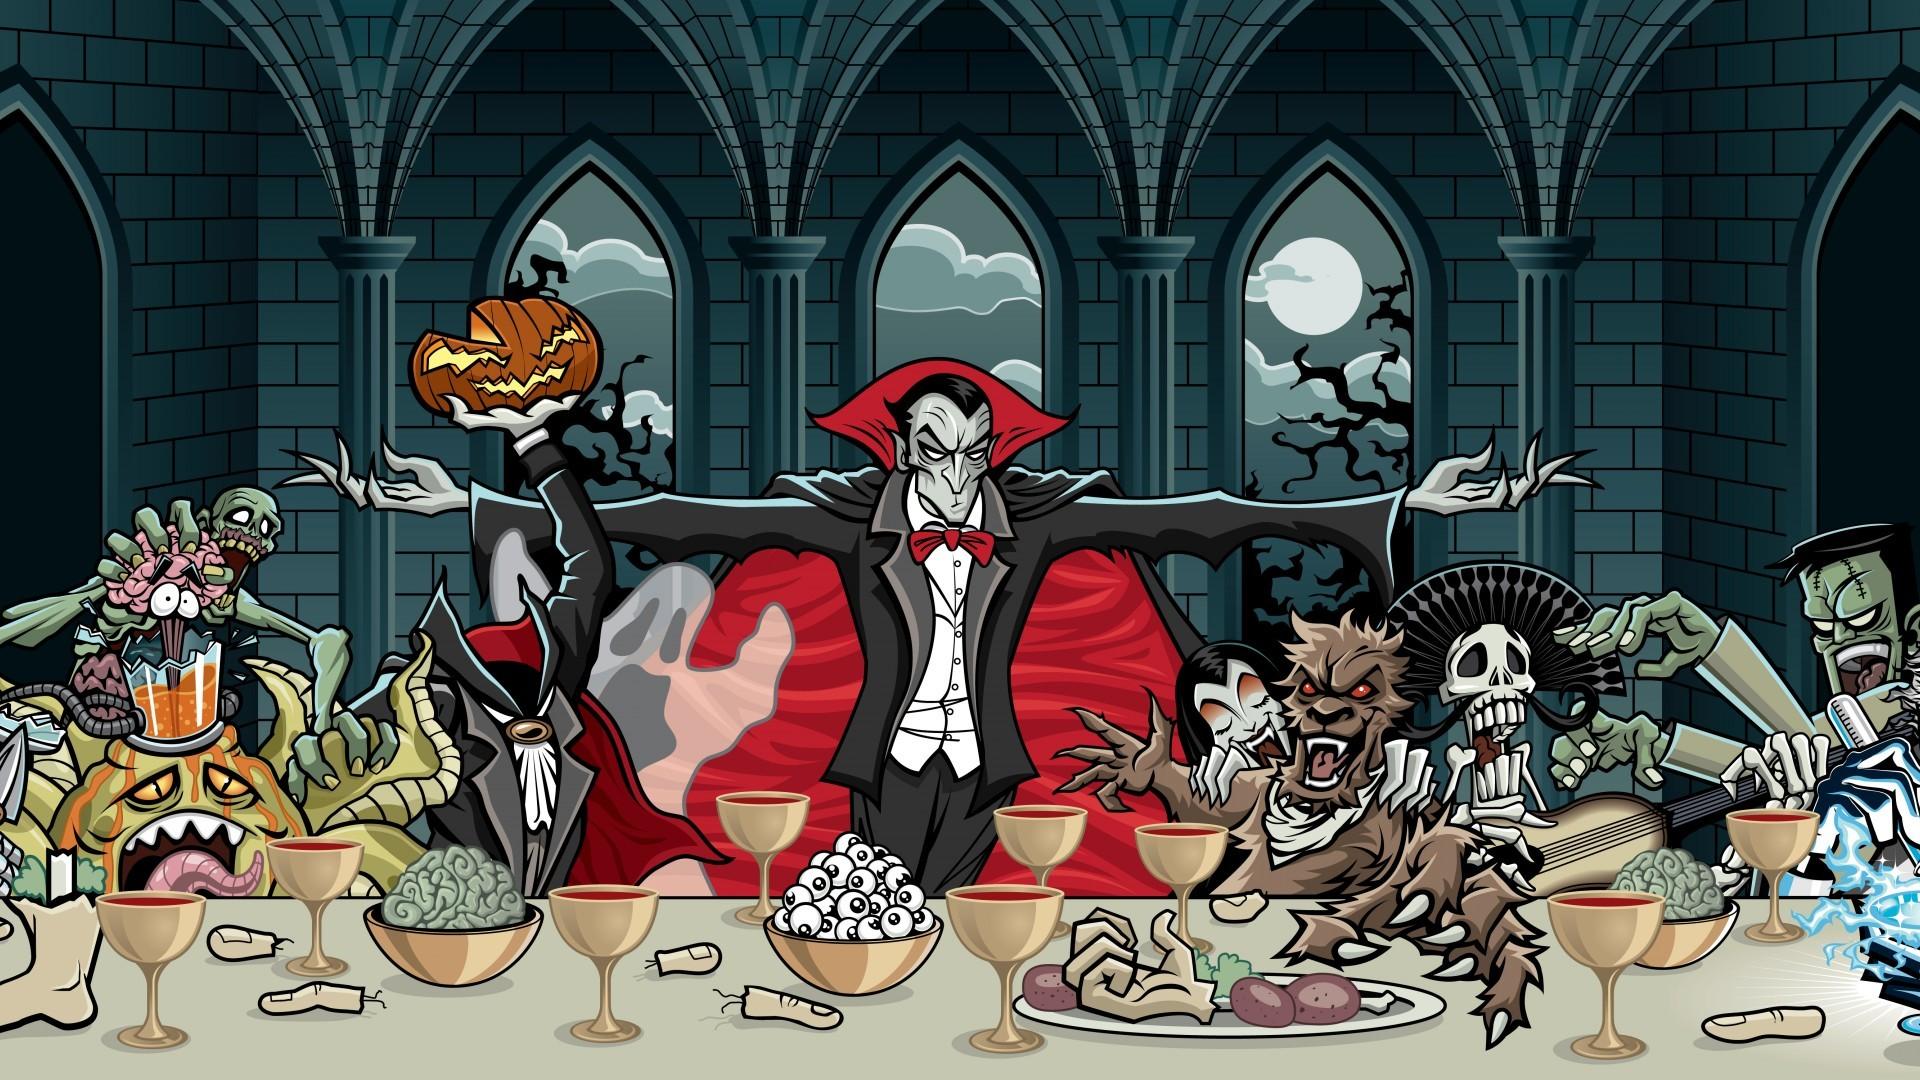 dark vampire skull monsters creatures spooky wallpaper background .